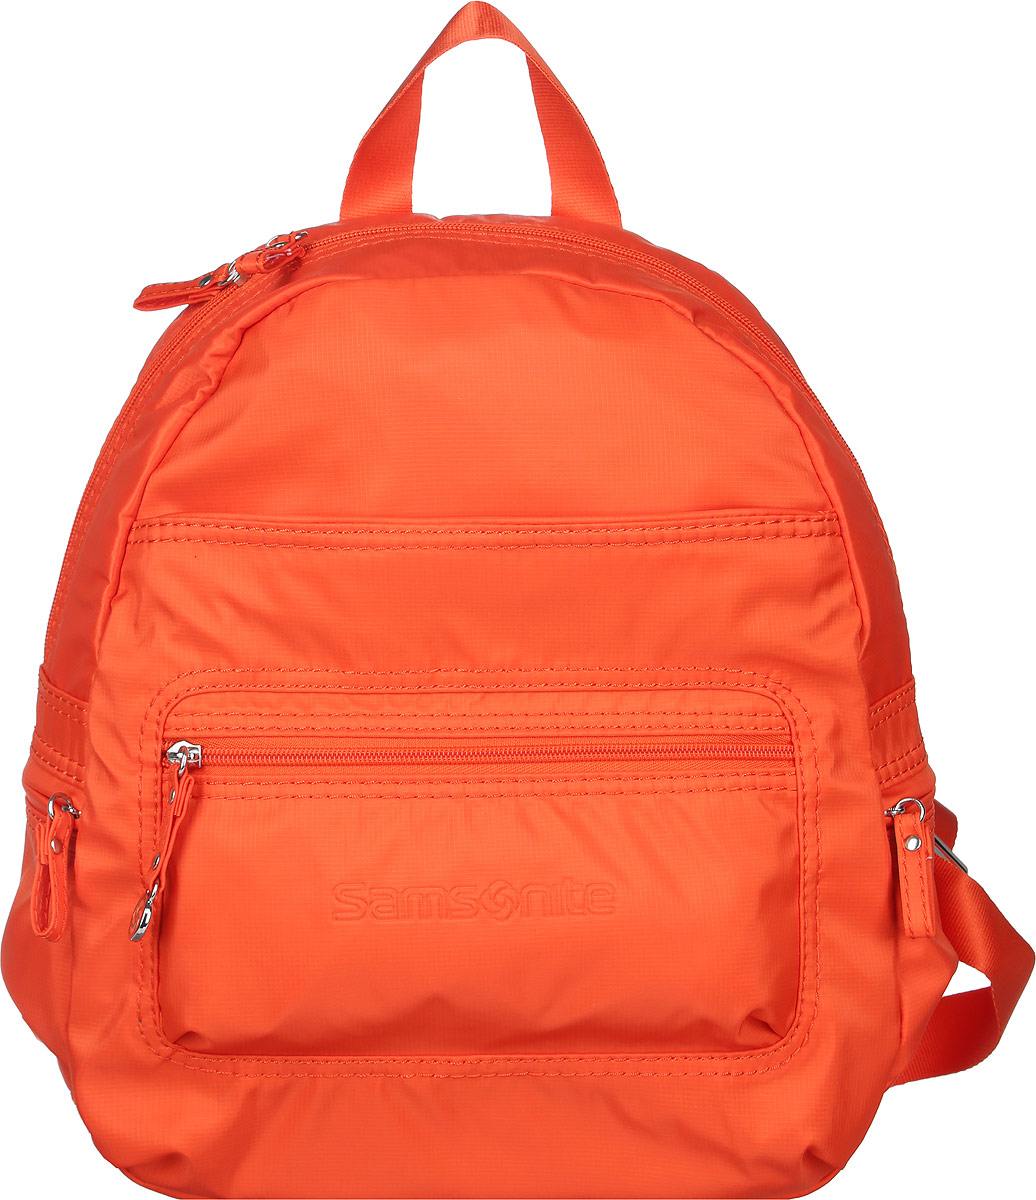 Рюкзак женский Samsonite, цвет: оранжевый. 5H3*96024RivaCase 8460 blackСтильный женский рюкзак Samsonite выполнен из полиамида. Изделие имеет одно основное отделение, закрывающееся на застежку-молнию. Внутри находятся прорезной карман на застежке-молнии, текстильный ремешок с карабином для ключей и два накладных открытых кармана. Снаружи, на передней стенке расположены два нашивных кармана на застежках-молниях. По бокам предусмотрены дополнительные кармашки на застежках-молниях. Модель оснащена регулируемыми лямками и удобной ручкой для переноски в руках. Стильный рюкзак позволит вам завершить образ и подчеркнет ваше отменное чувство стиля.